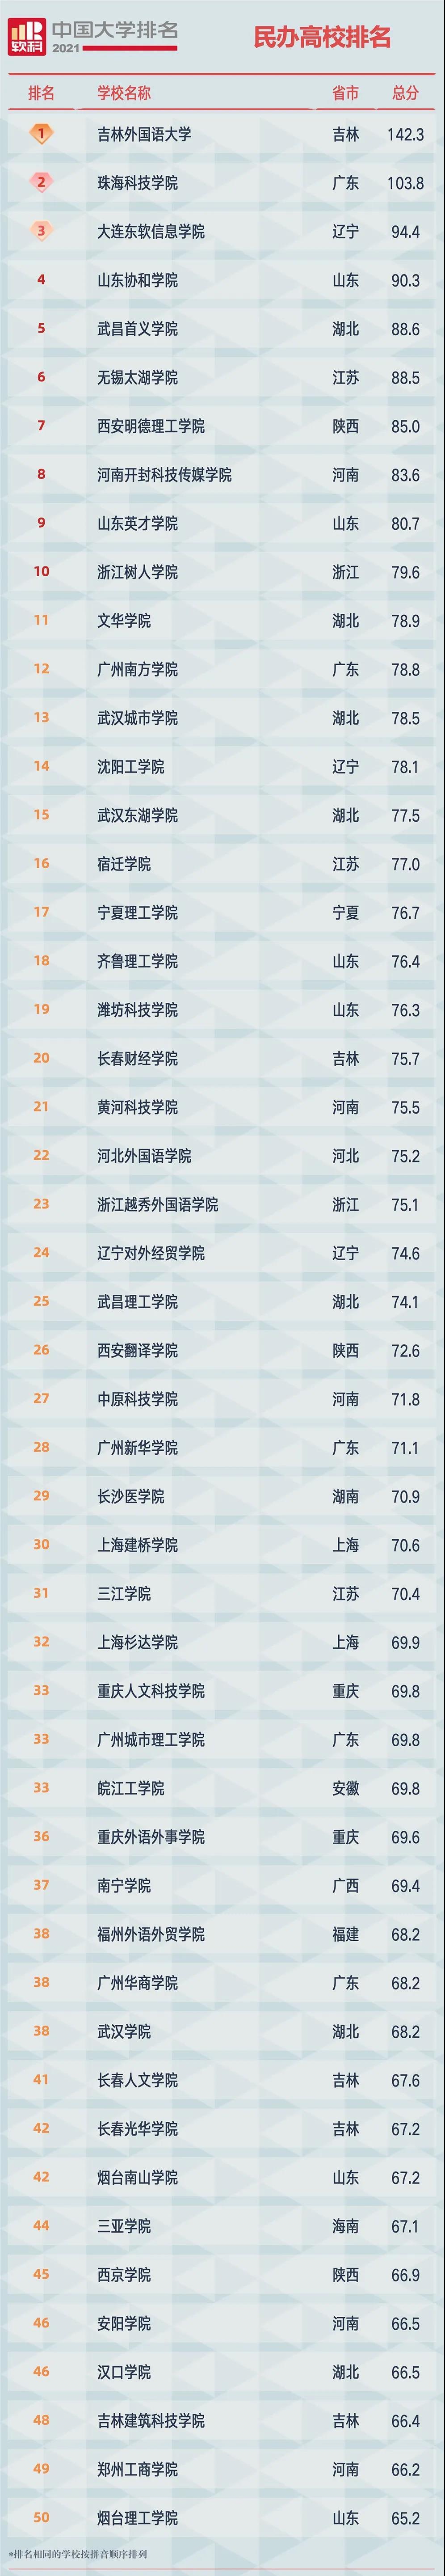 2021软科中国民办高校排名1